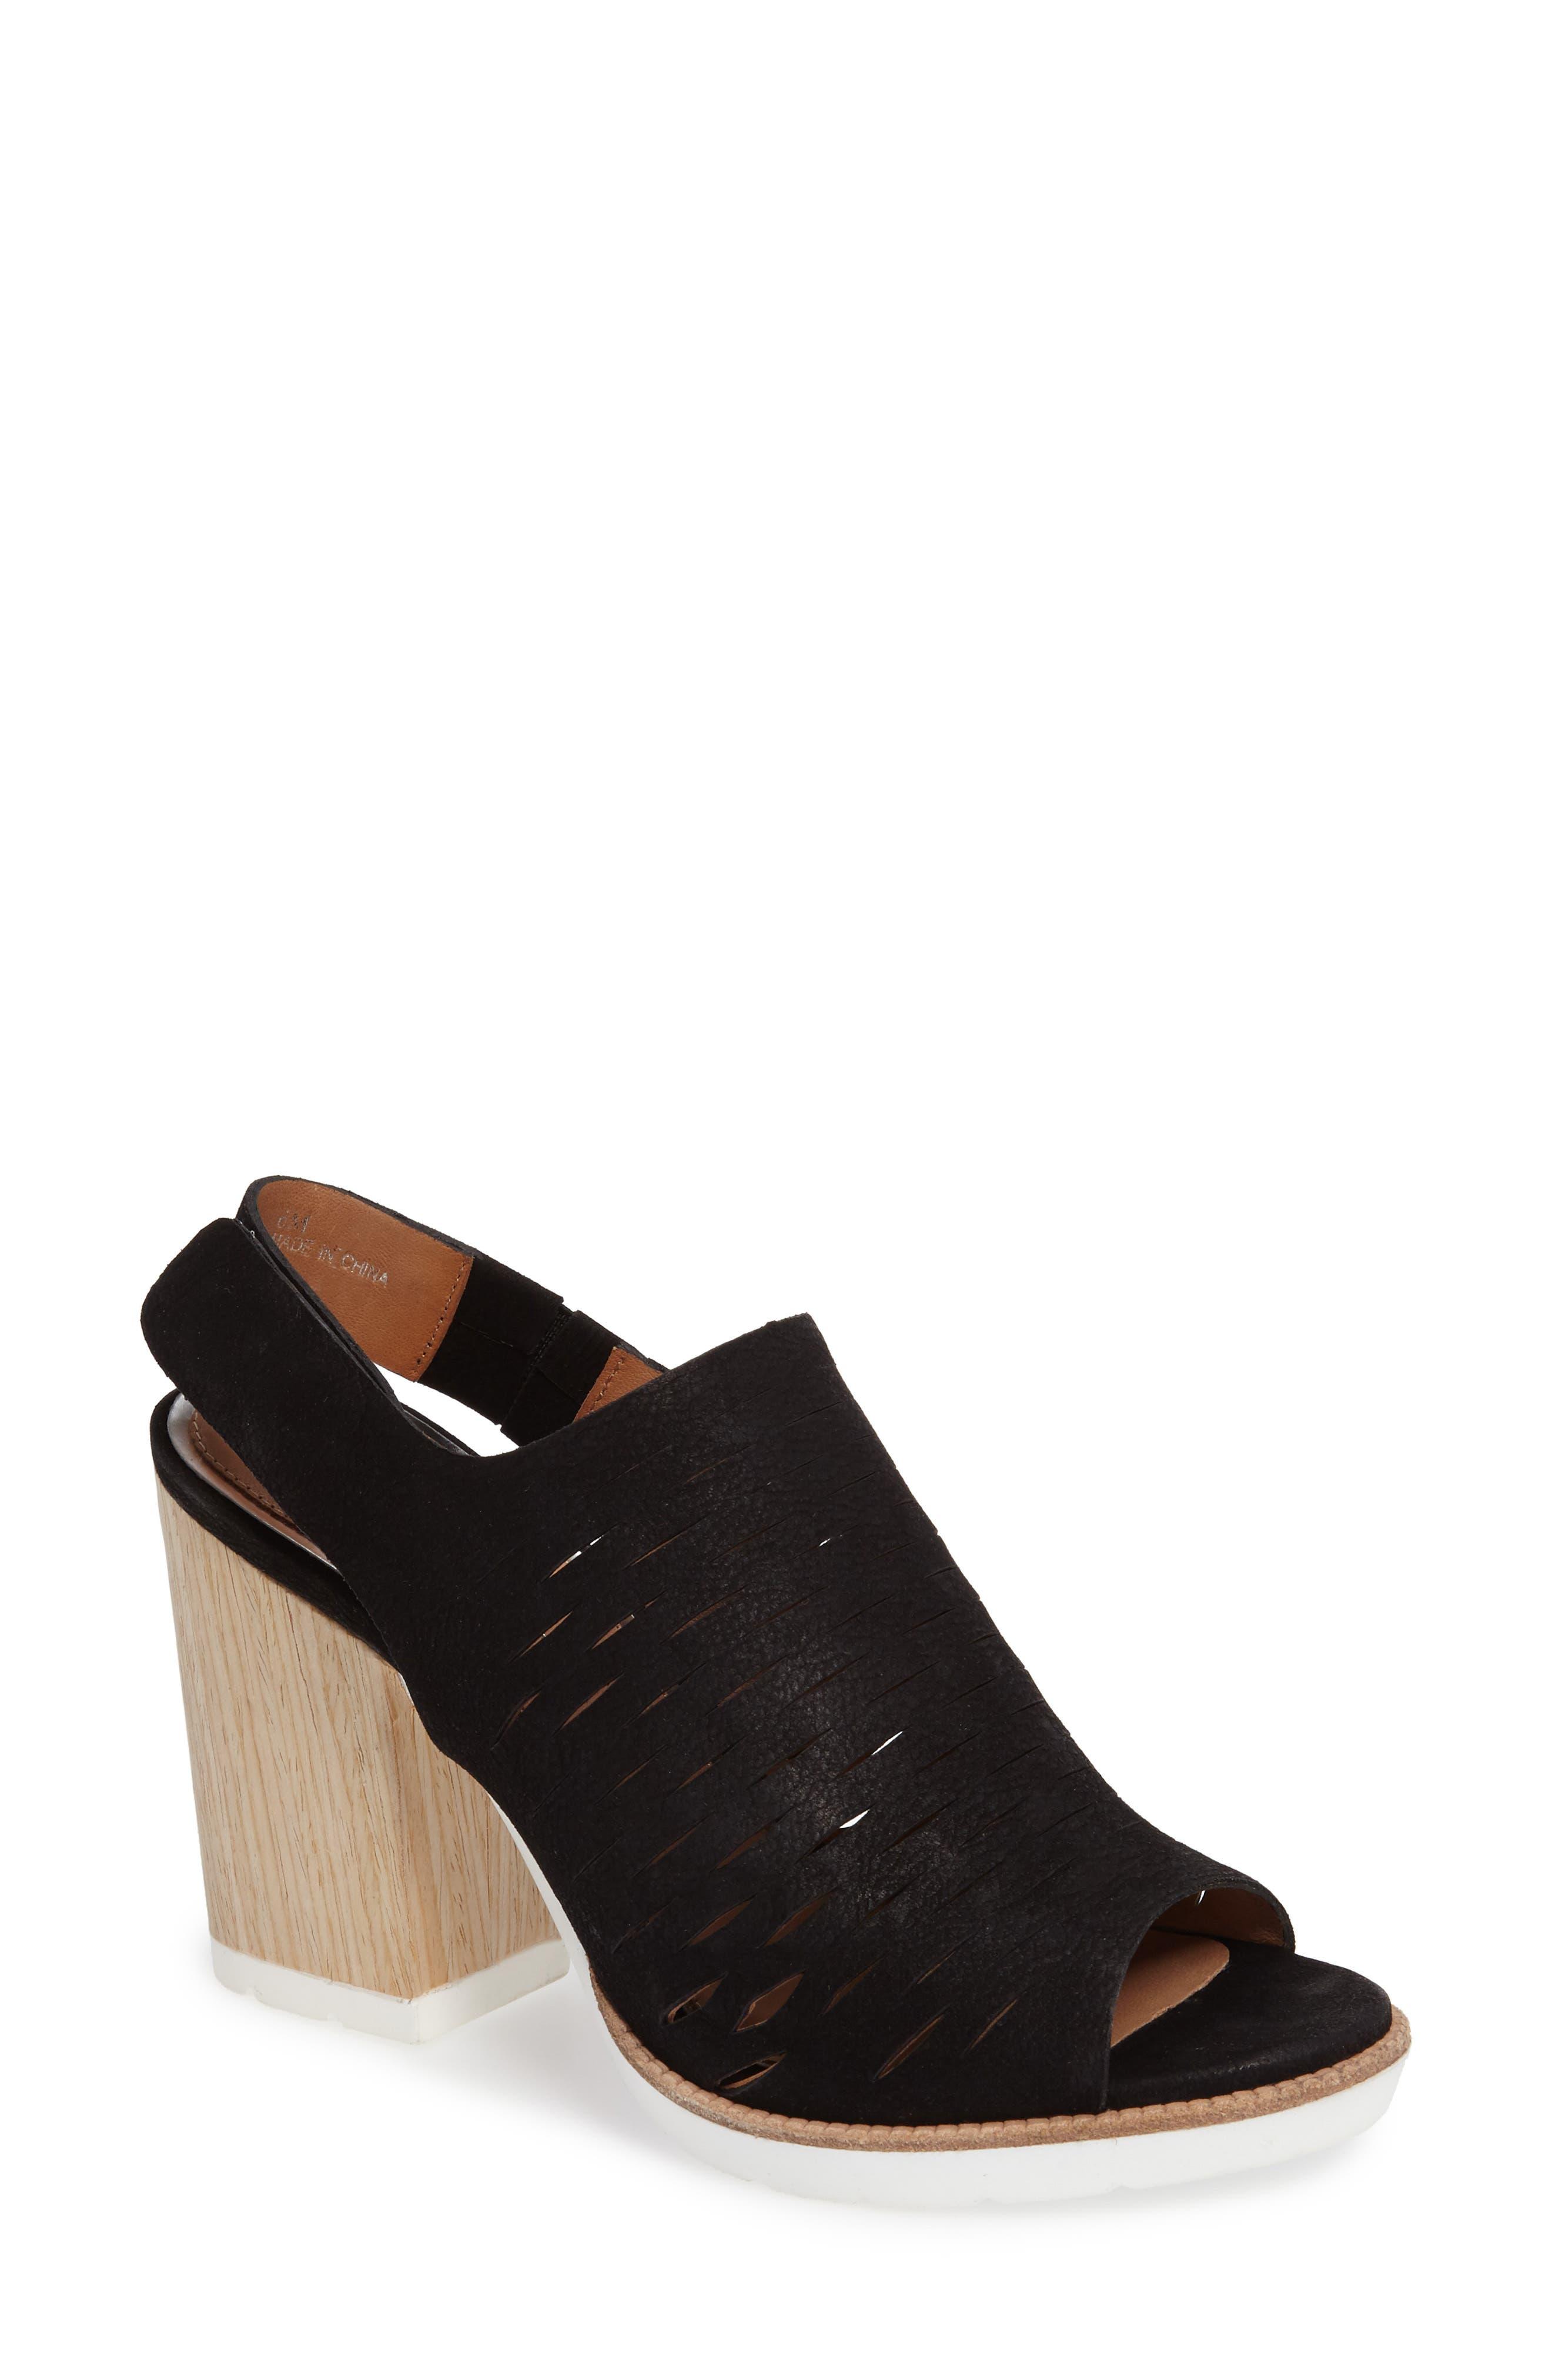 LINEA PAOLO Gilly Slingback Sandal